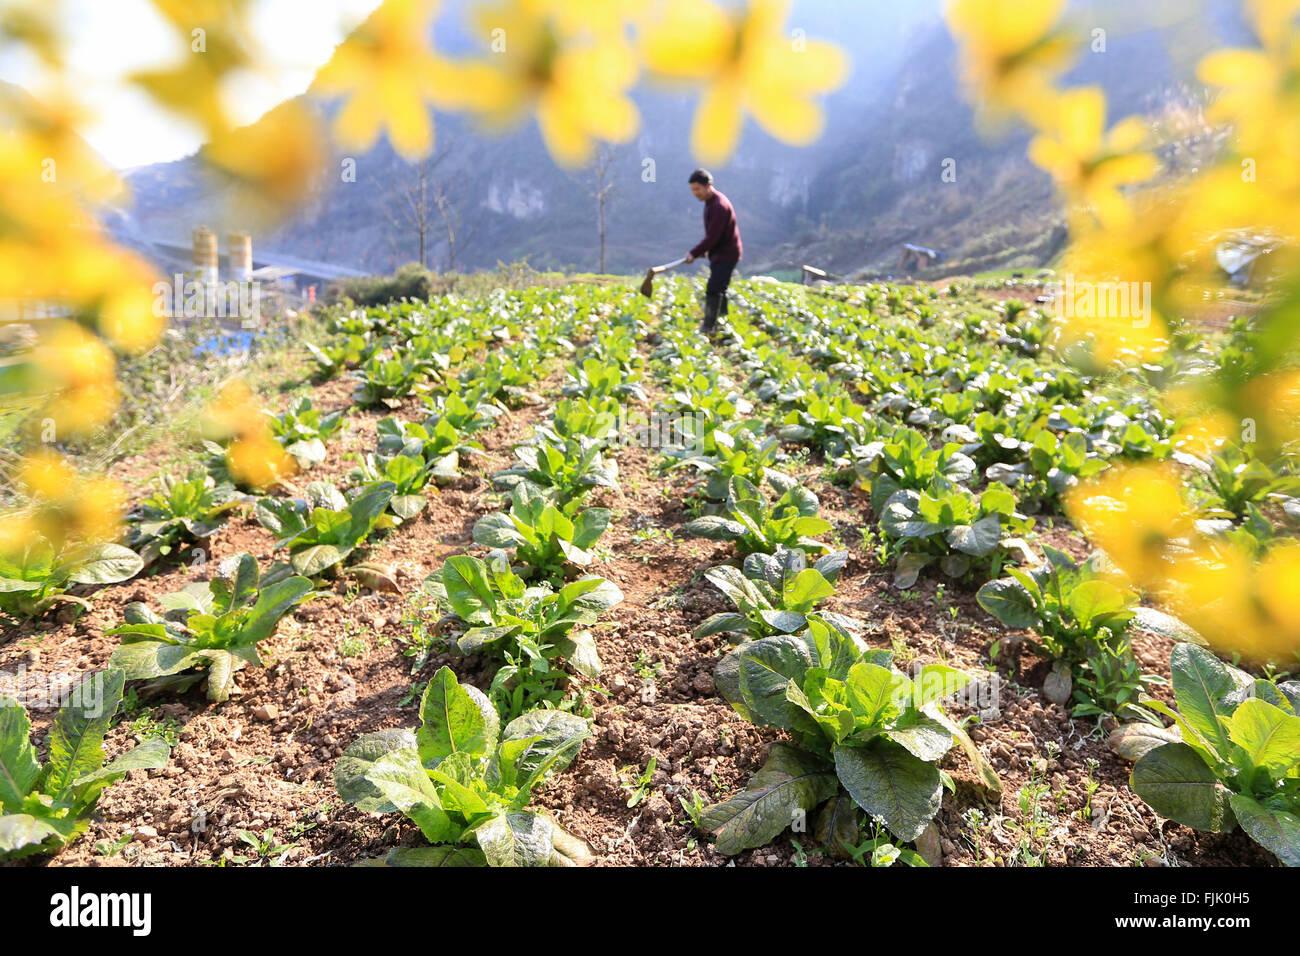 Qiandongnan. 1er mars 2016. Un agriculteur travaille dans les champs à Yuangu Ville située dans le sud Photo Stock